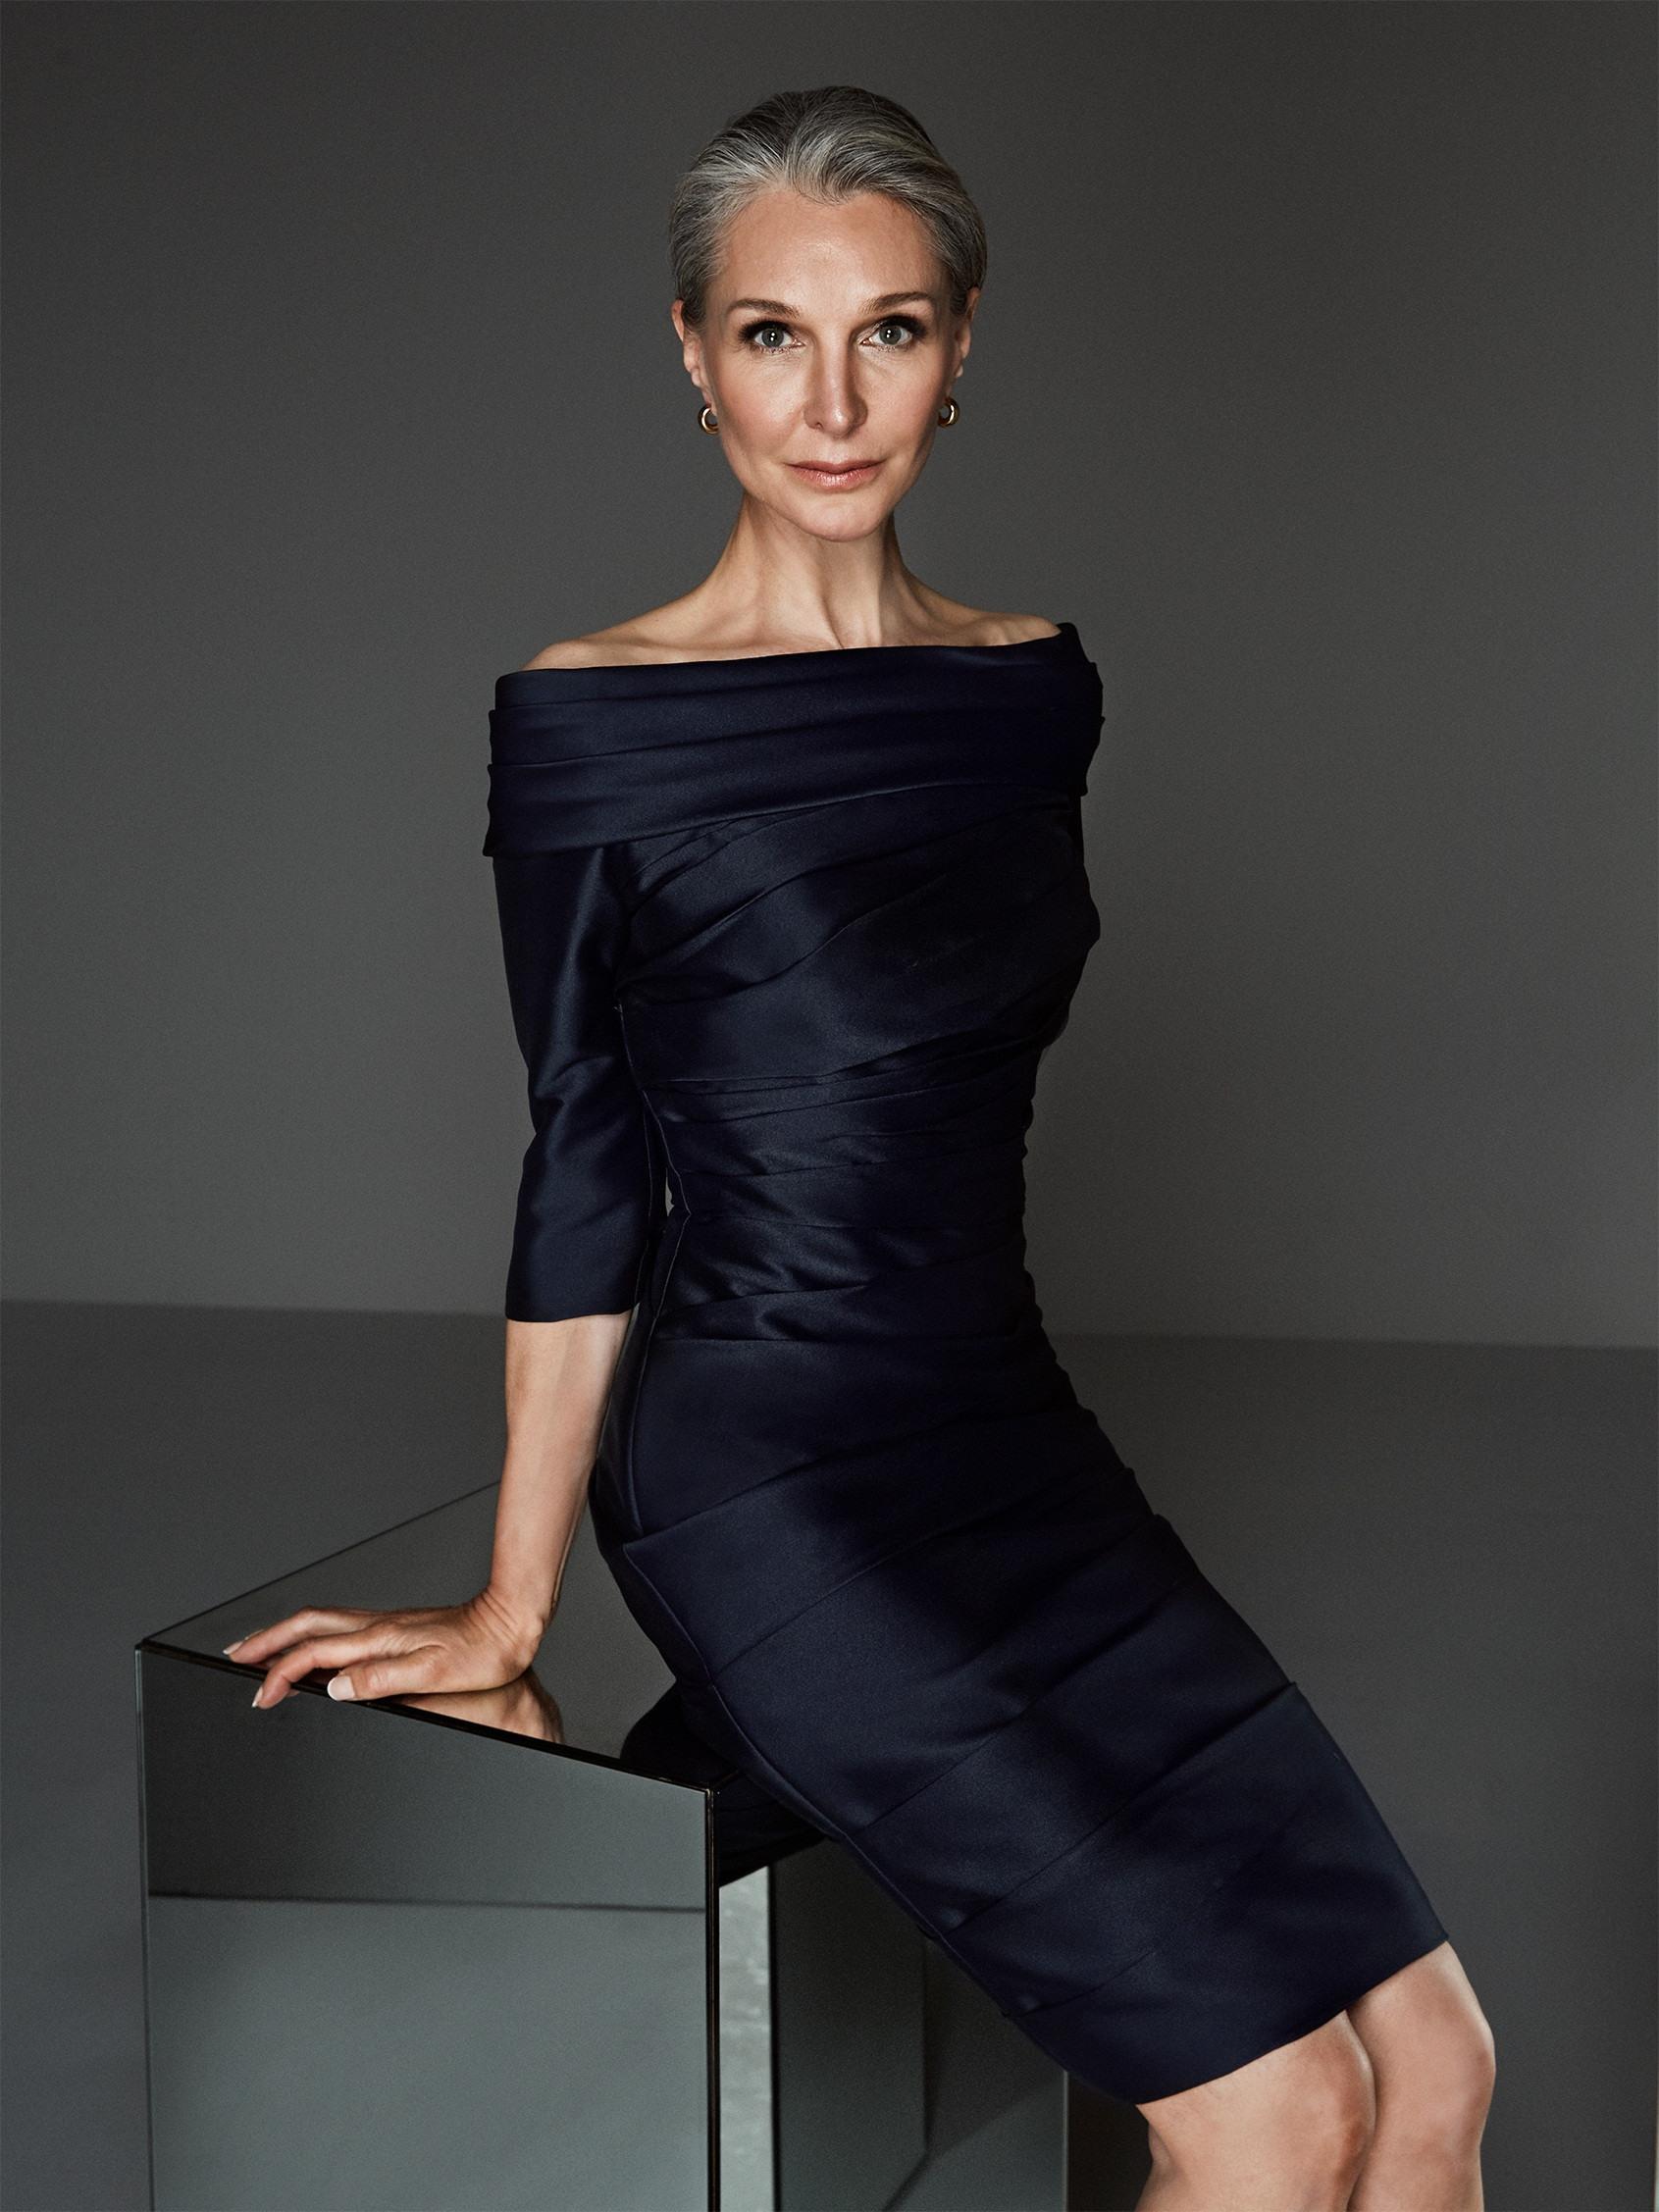 Designer Schön Kurzes Abendkleid Boutique10 Großartig Kurzes Abendkleid Spezialgebiet